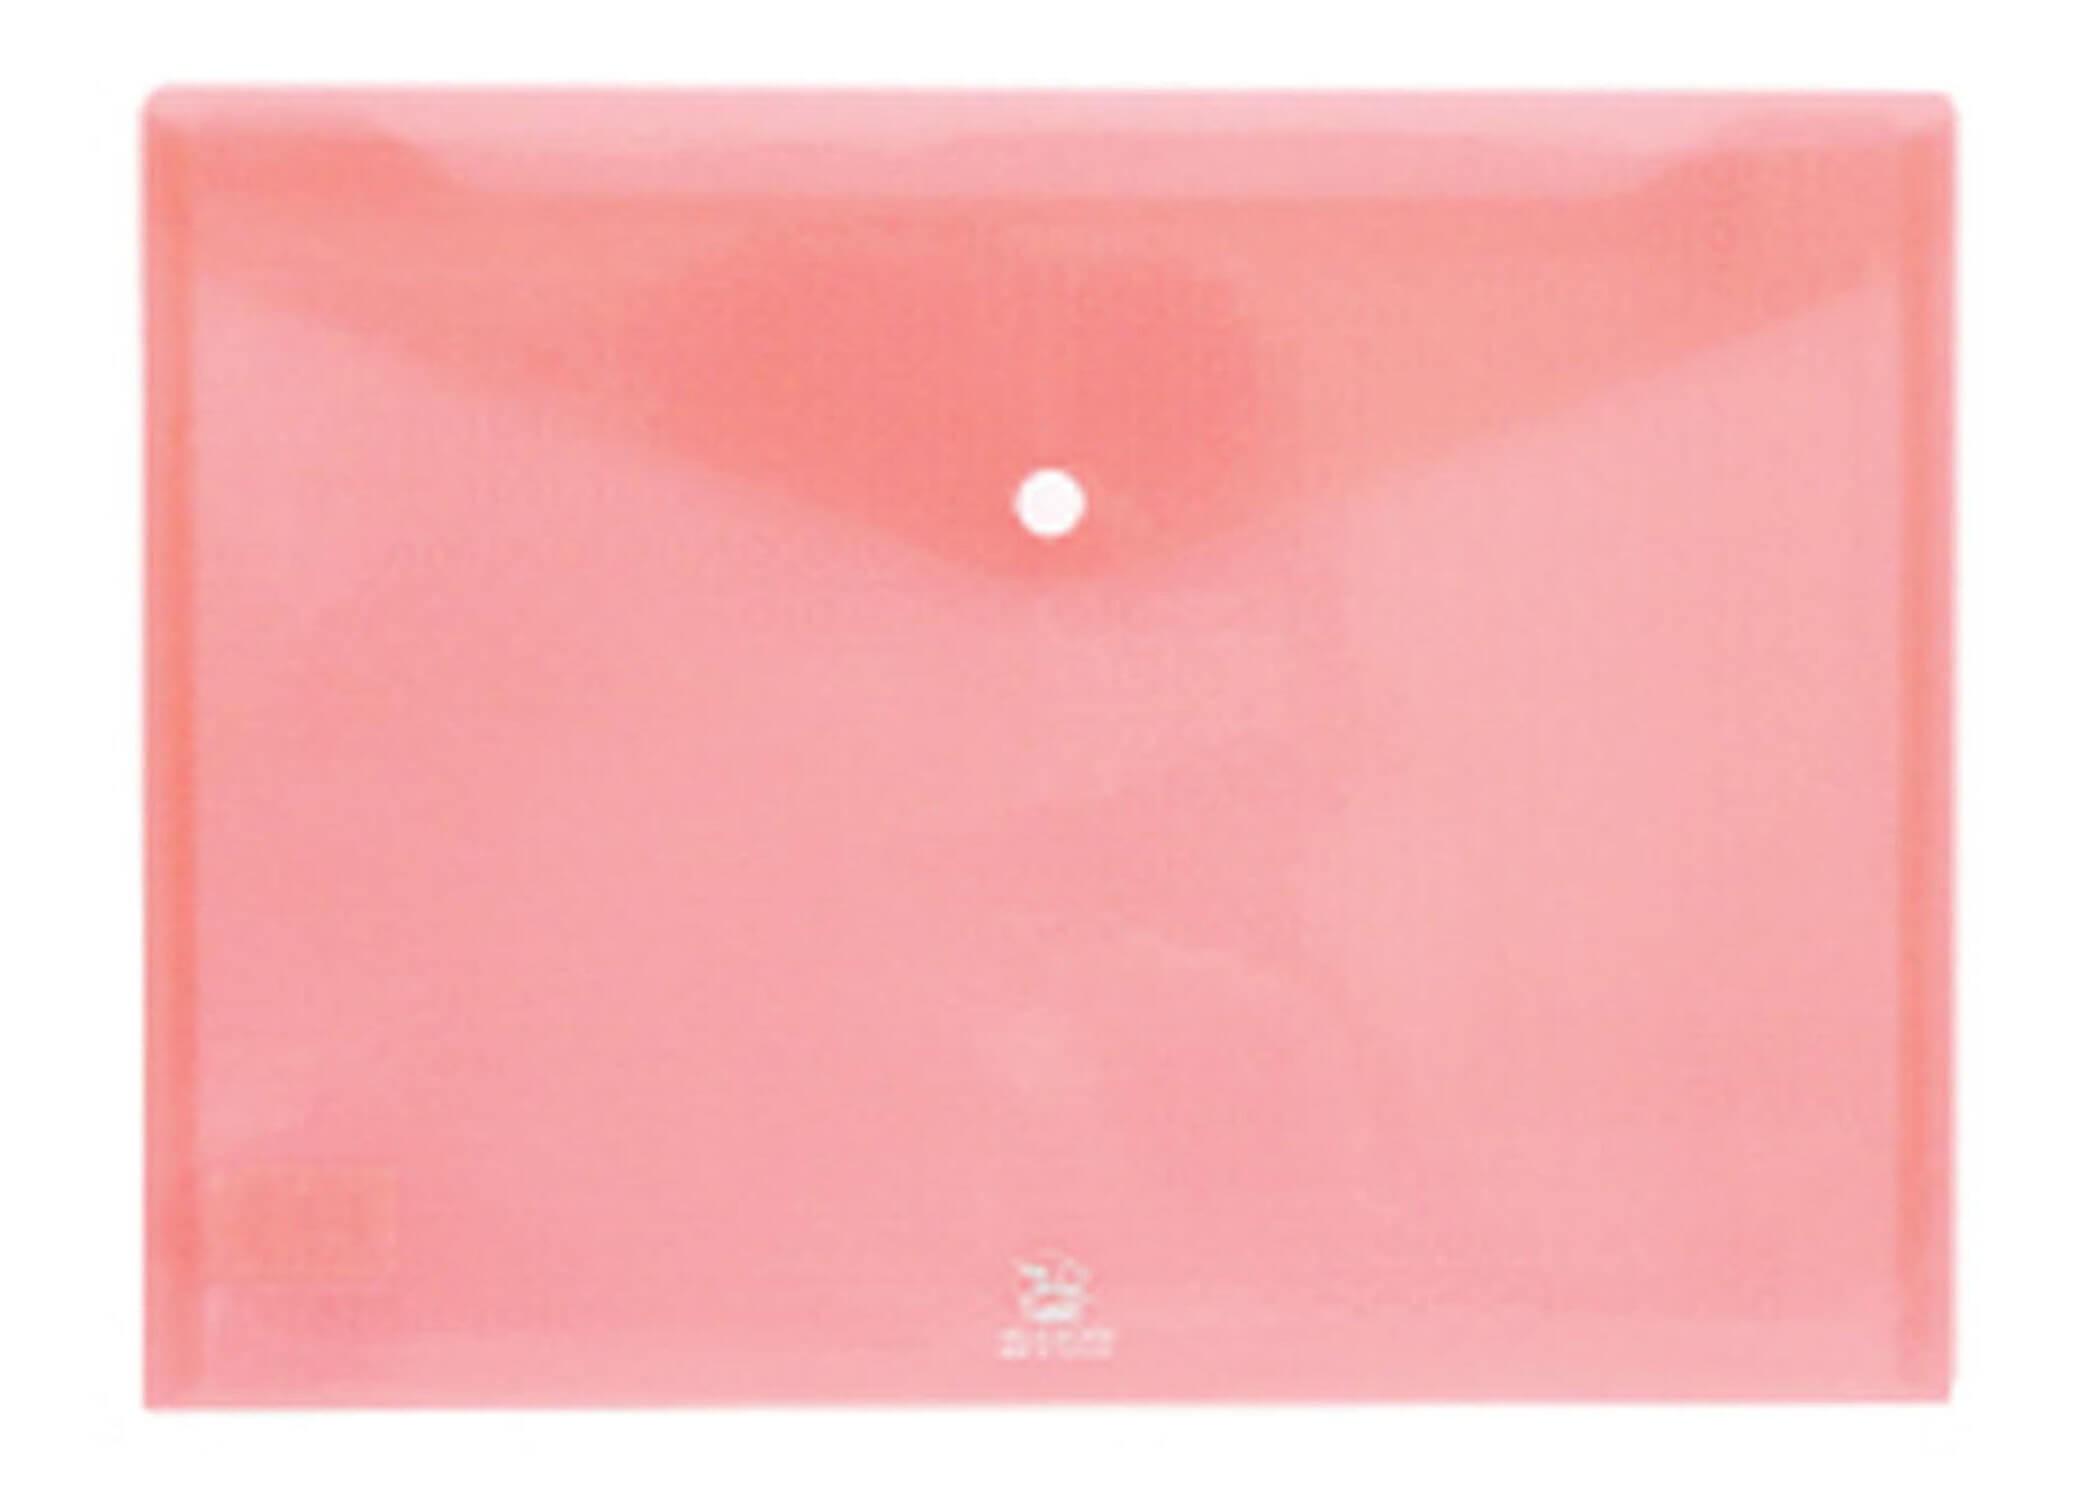 ซองกระดุมพลาสติก flamingo 9383 A4 สีชมพู